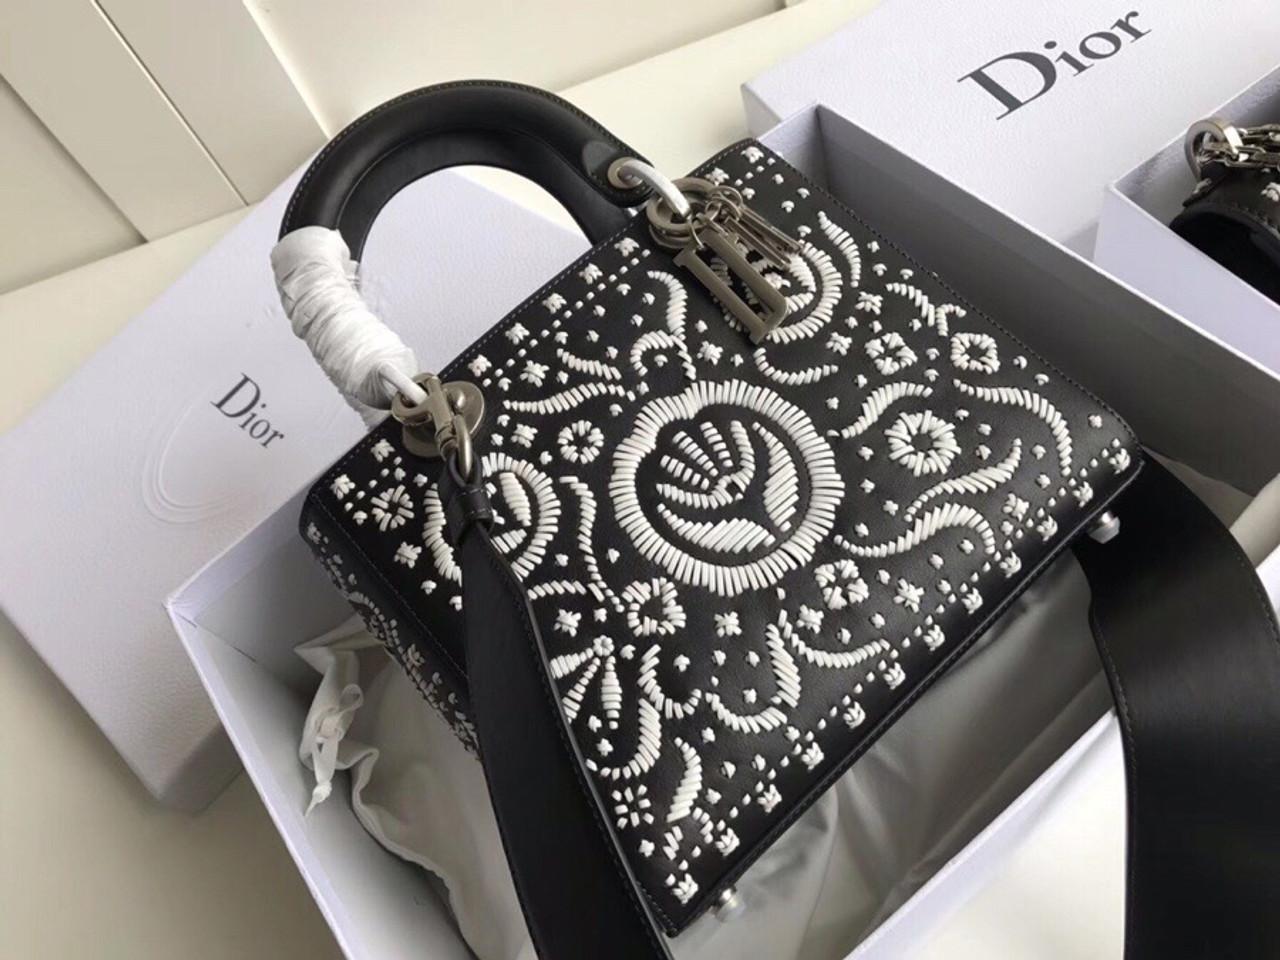 0bde7c30b6 Christian Dior MINI LADY DIOR EMBROIDERED BAG Black - Bella Vita Moda